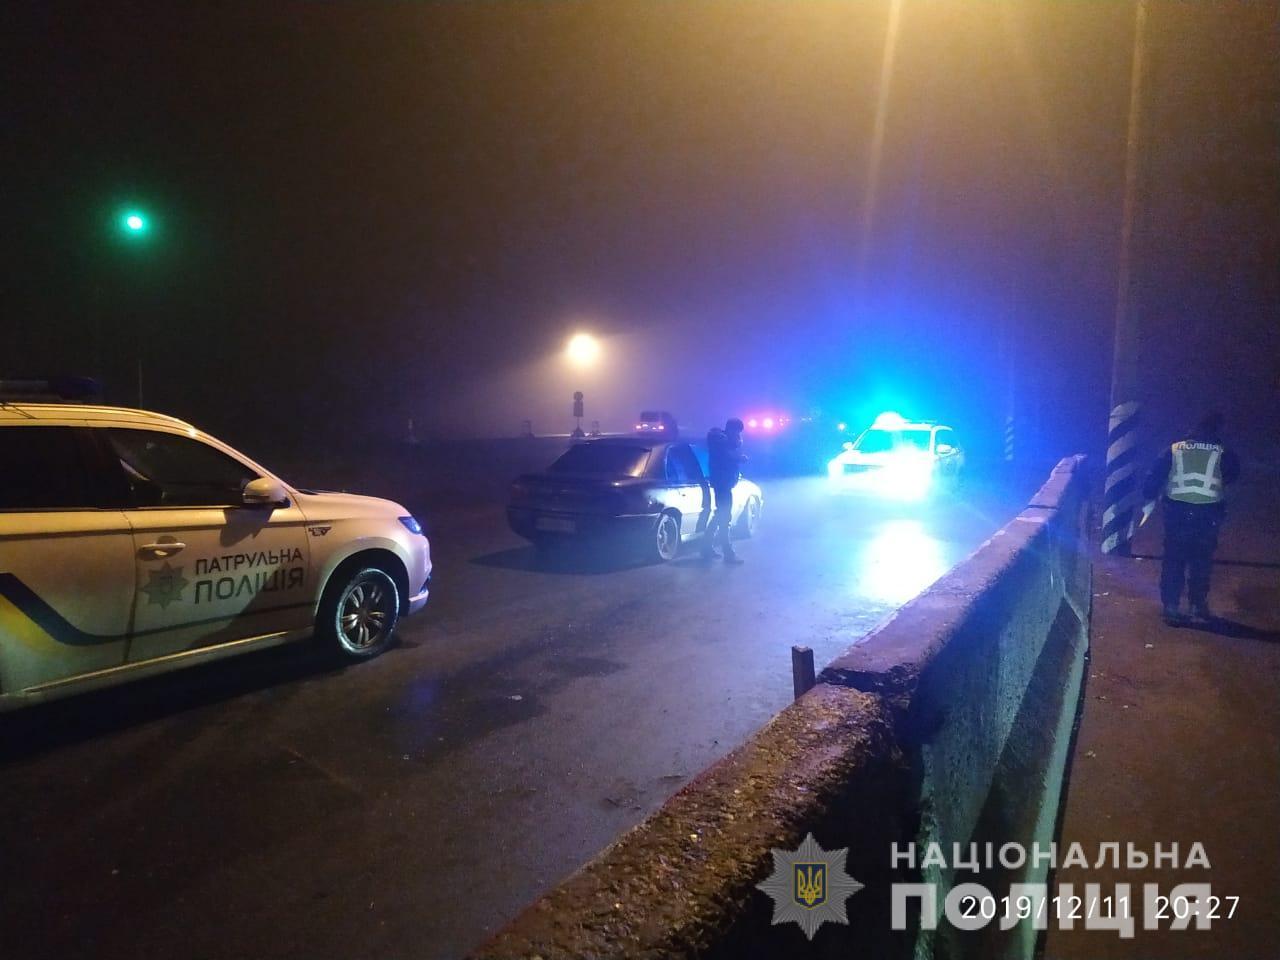 Ногою по голові: поблизу Білої Церкви затримали жінку за напад на патрульного - поліція Київщини, напад на поліцейського, Біла Церква - btssvavillya1